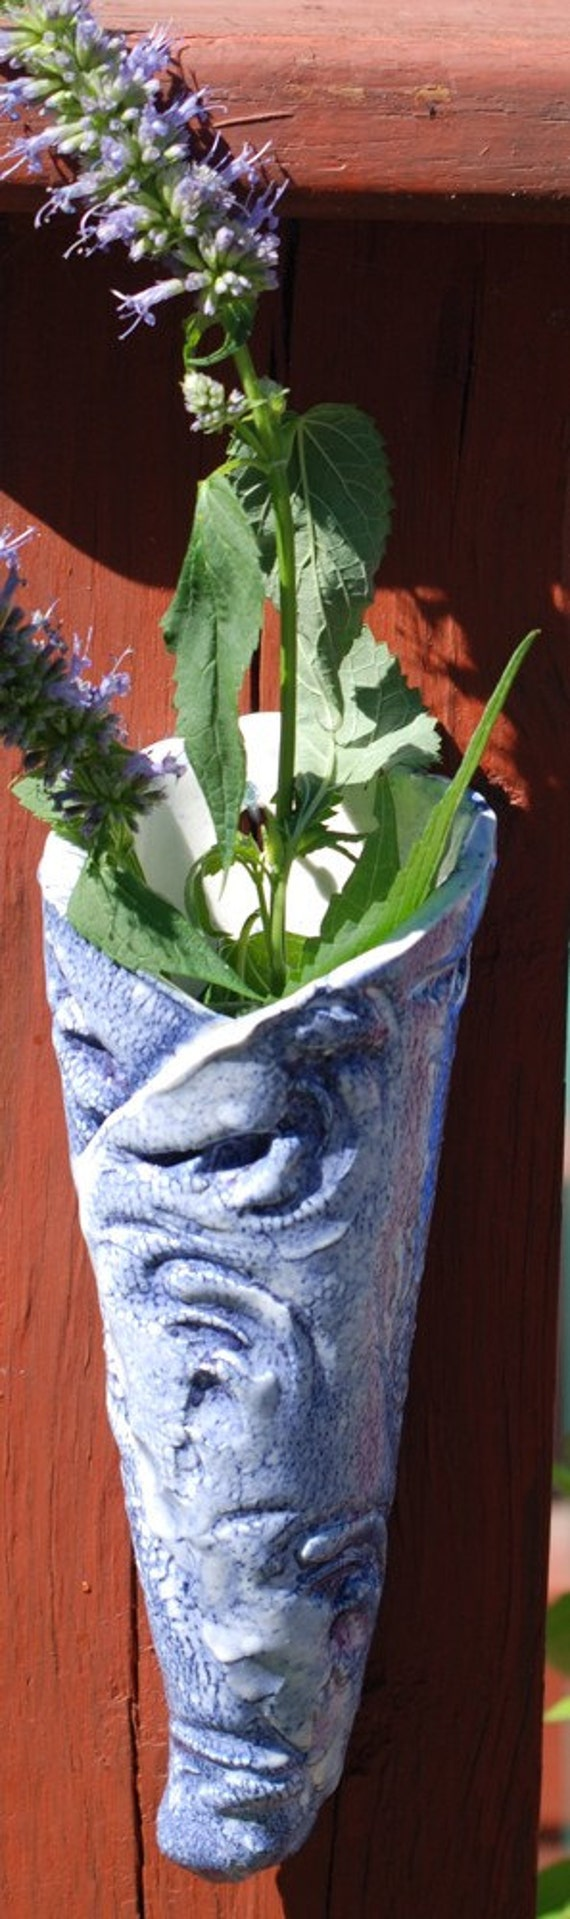 blue and white wall pocket vase... V1